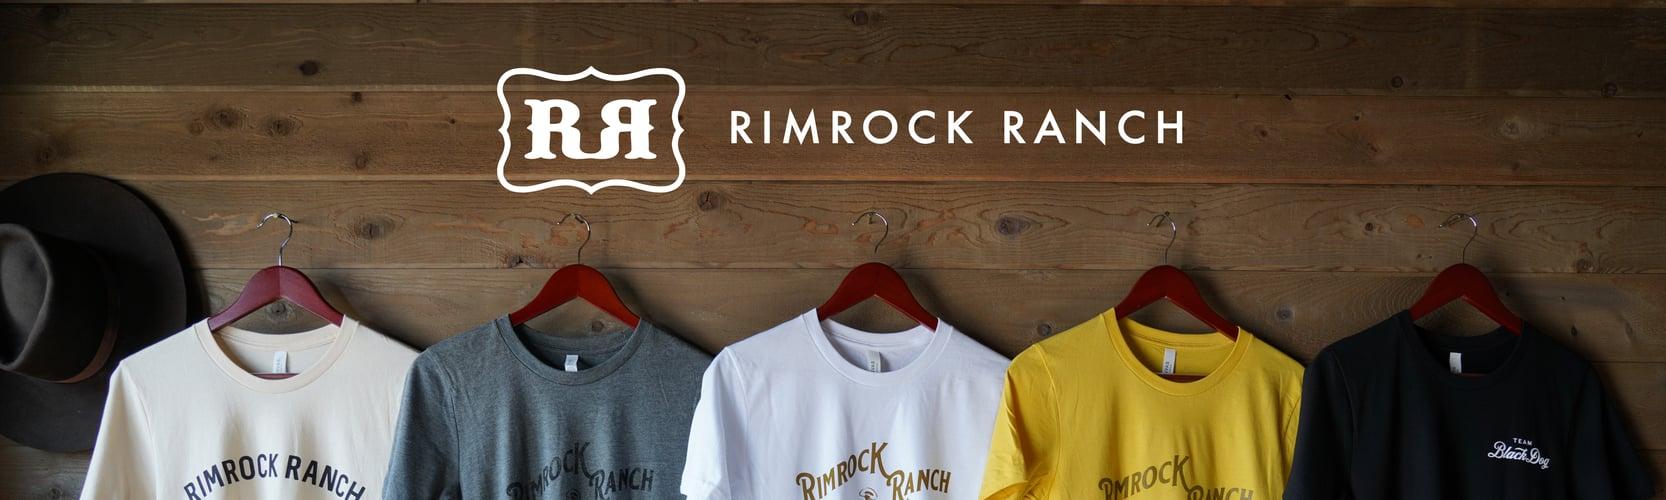 Rimrock Ranch